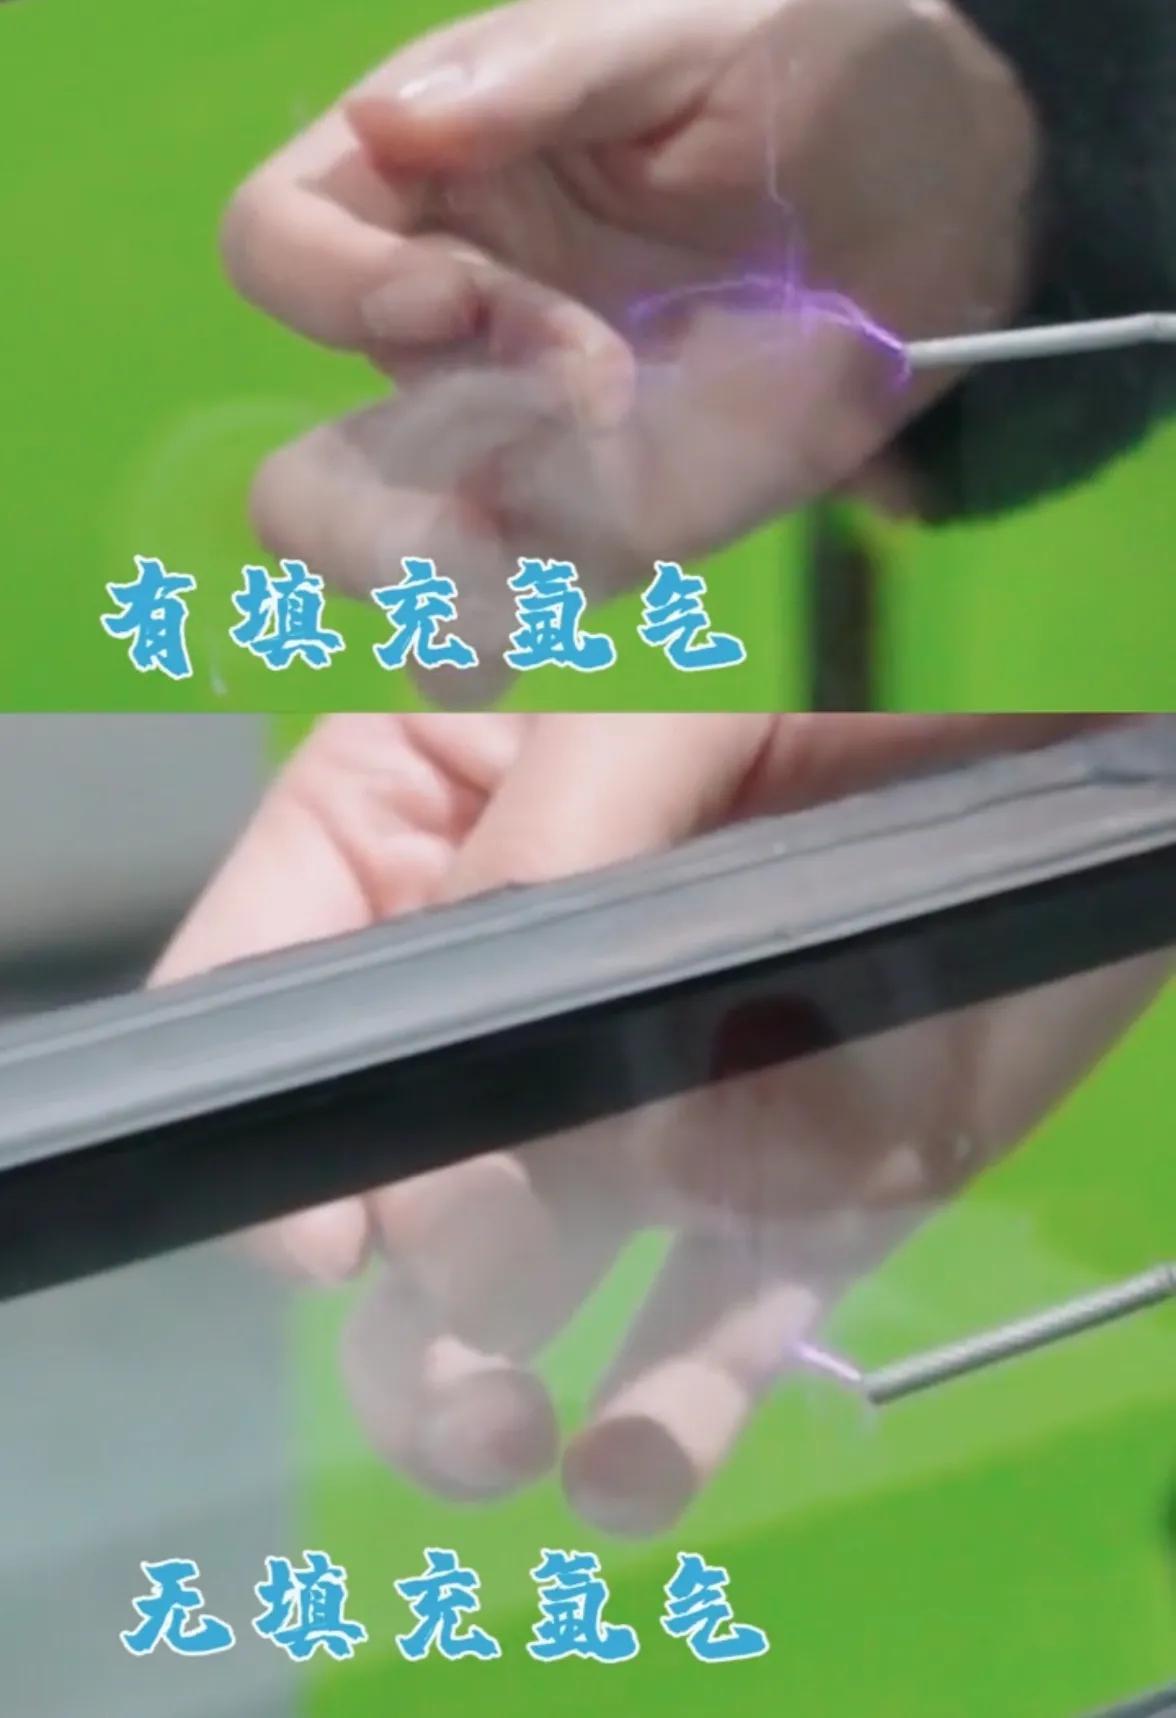 中空玻璃为什么一定要冲氩气,了解了氩气,作用还真不小